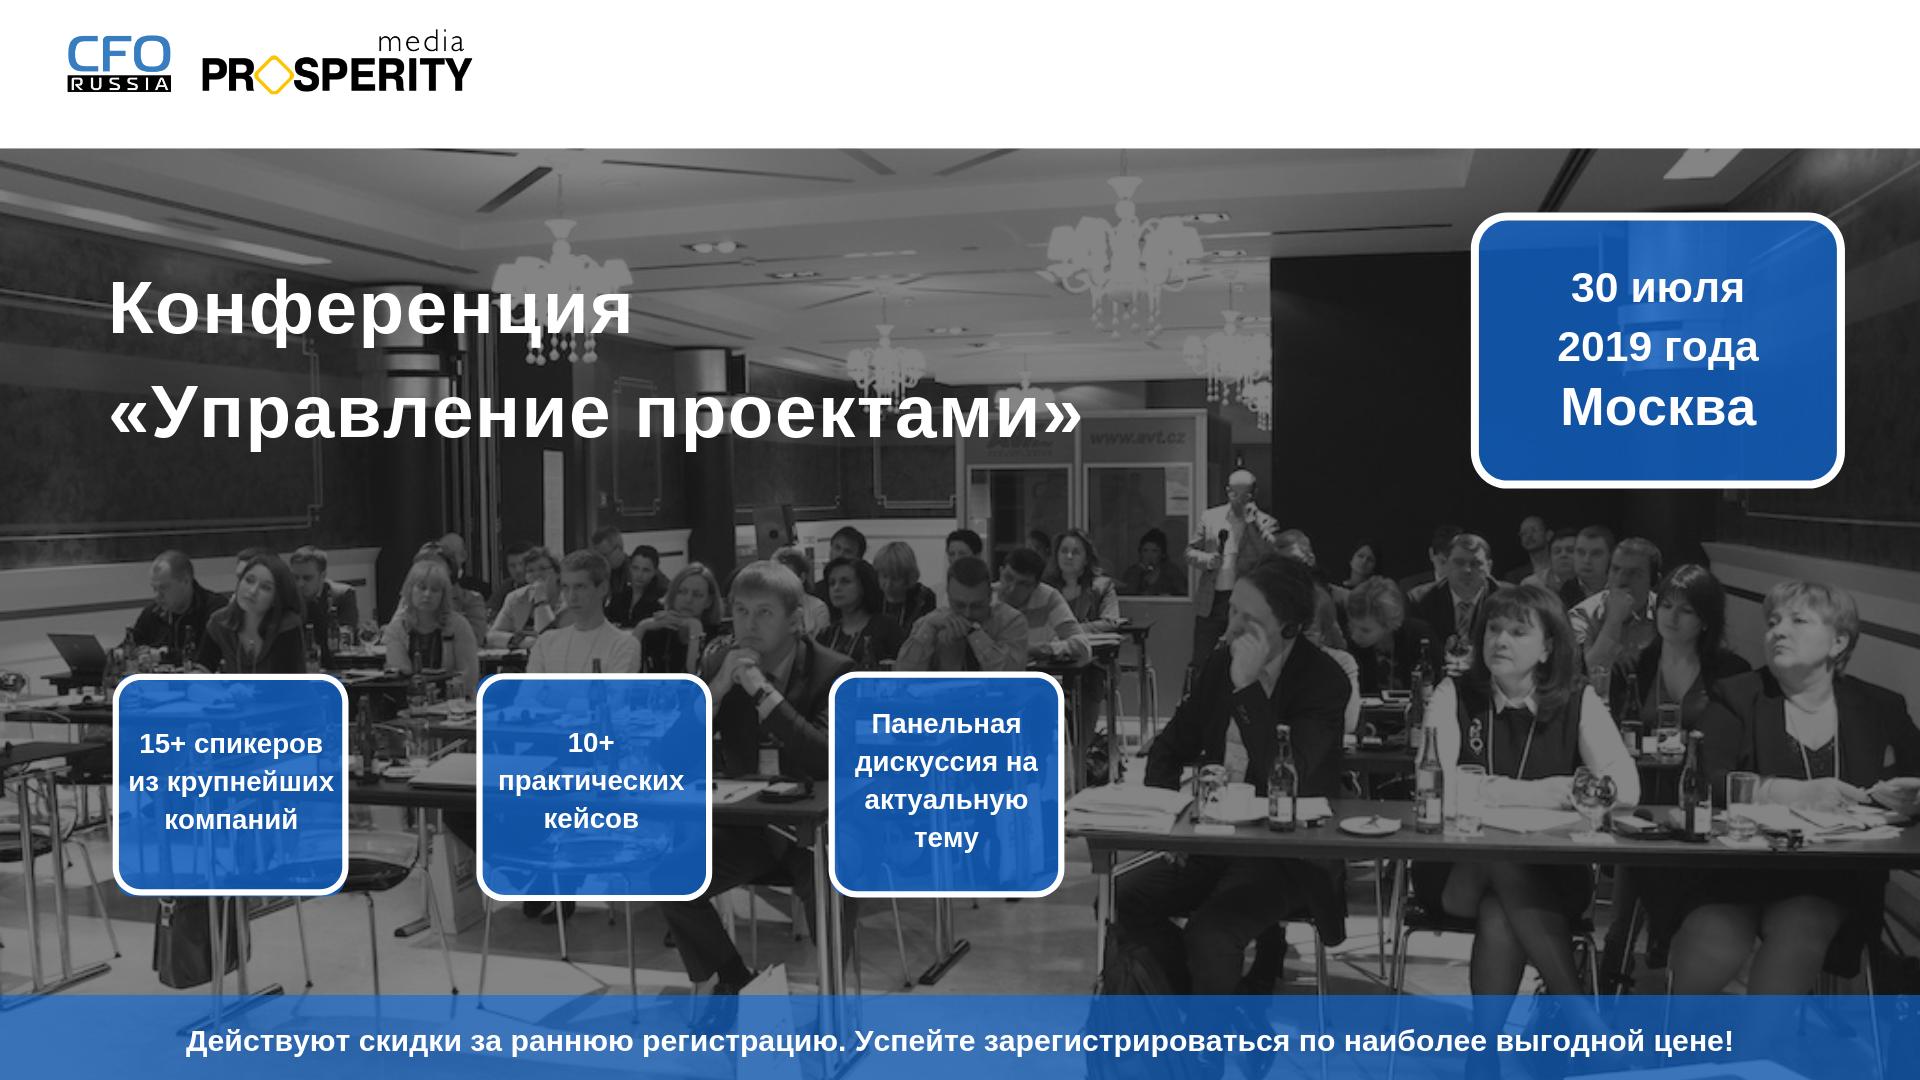 Конференция Управление проектами